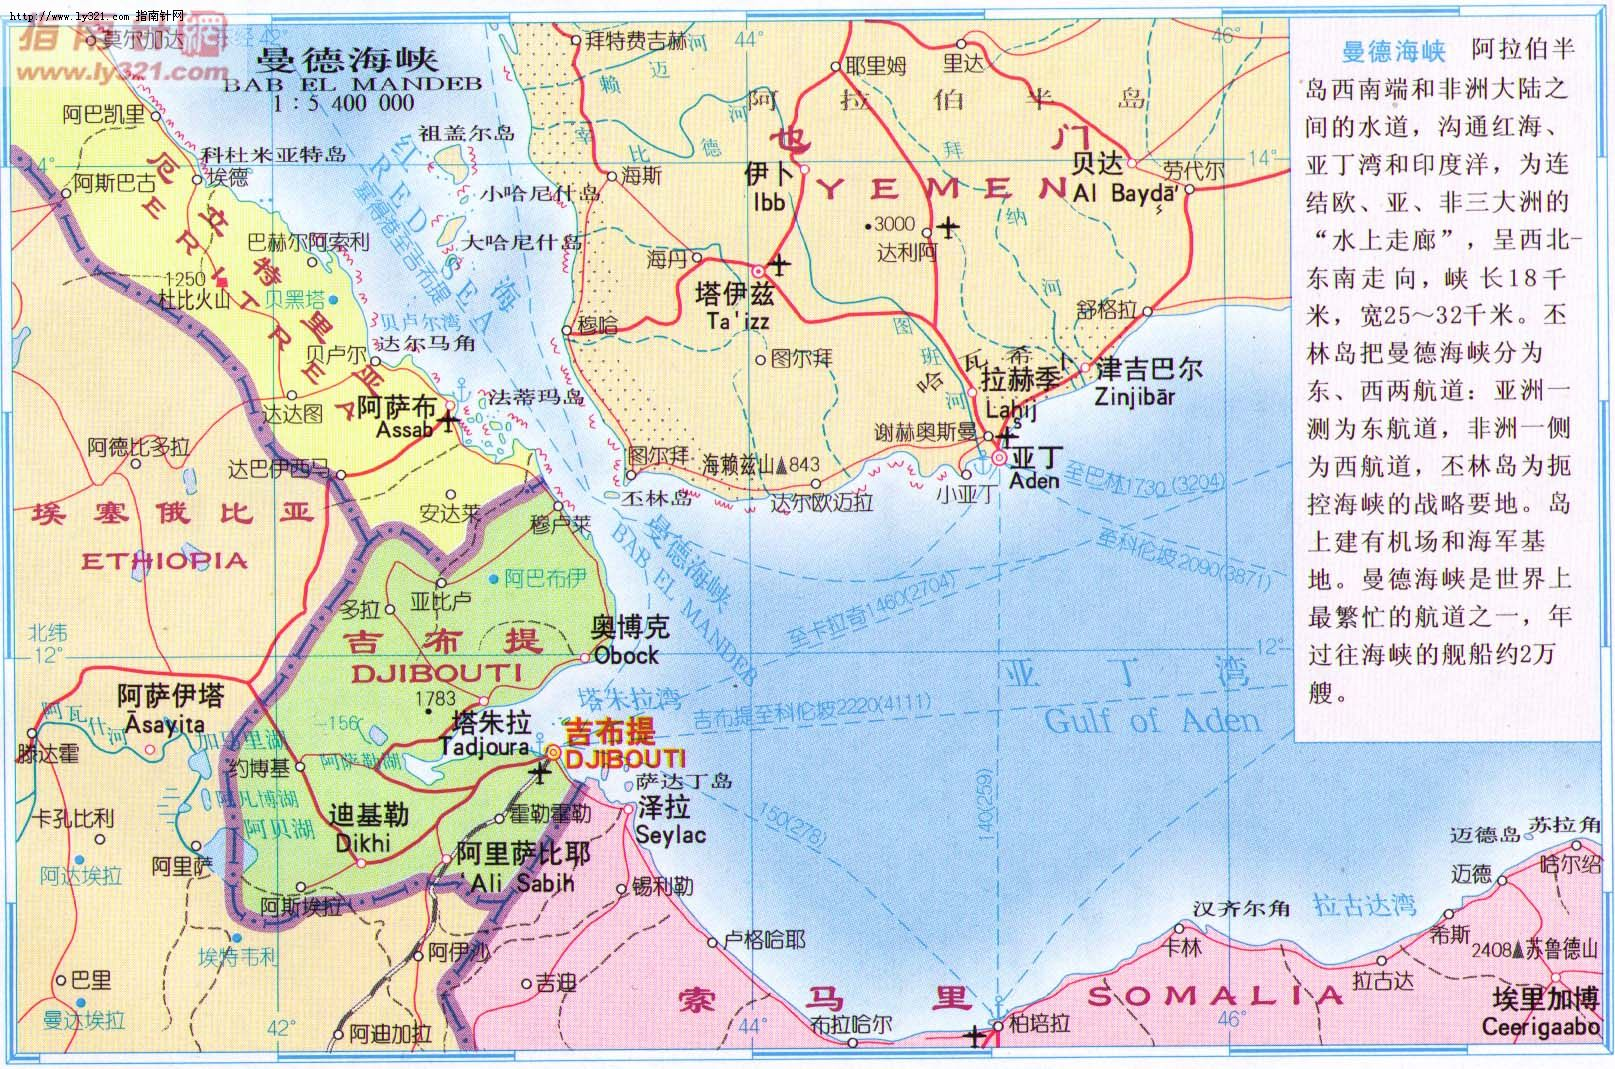 曼德海峡地图